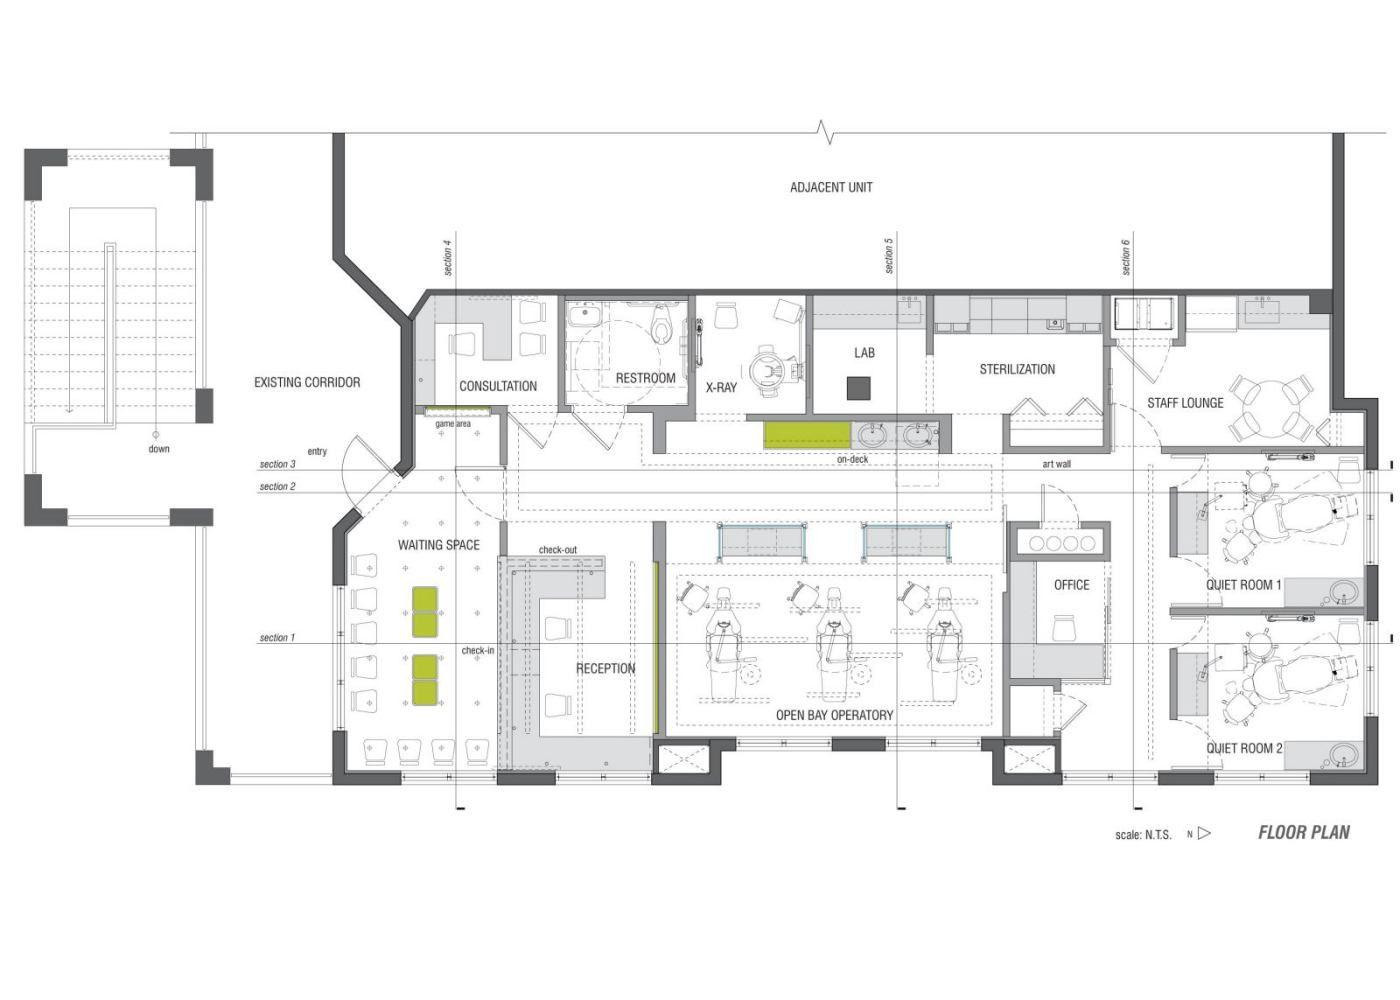 Gro Children Dental Office Floor Plan